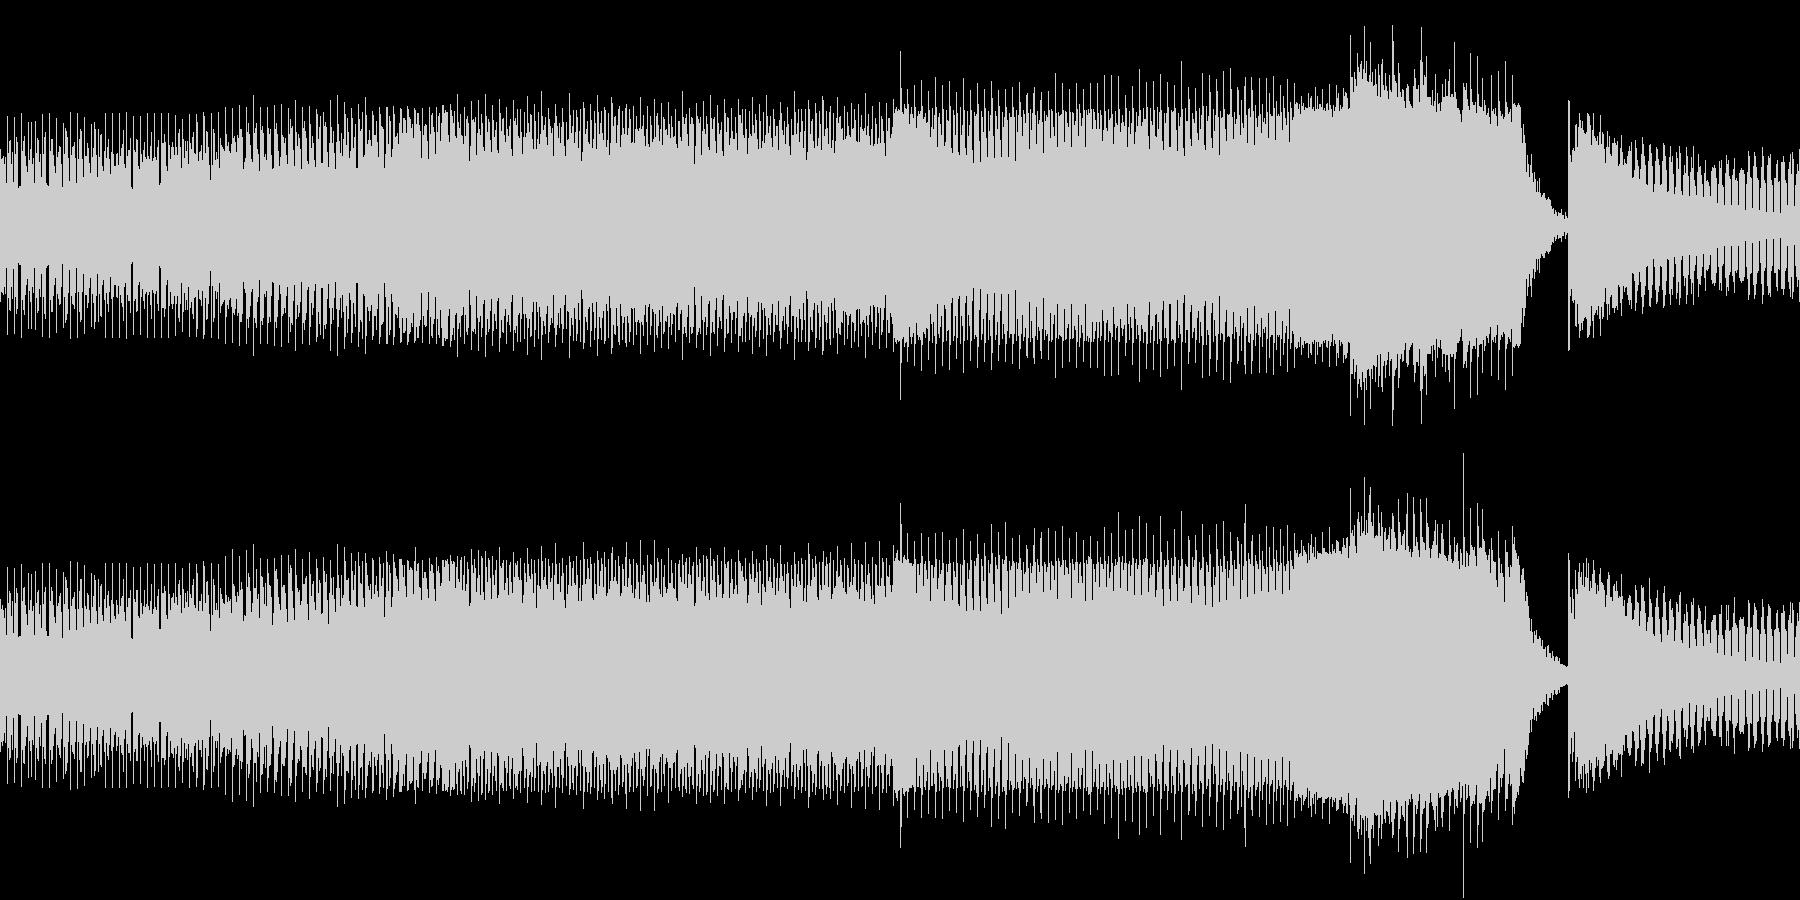 ニュース 報道 事件 EDM 迷走ループの未再生の波形